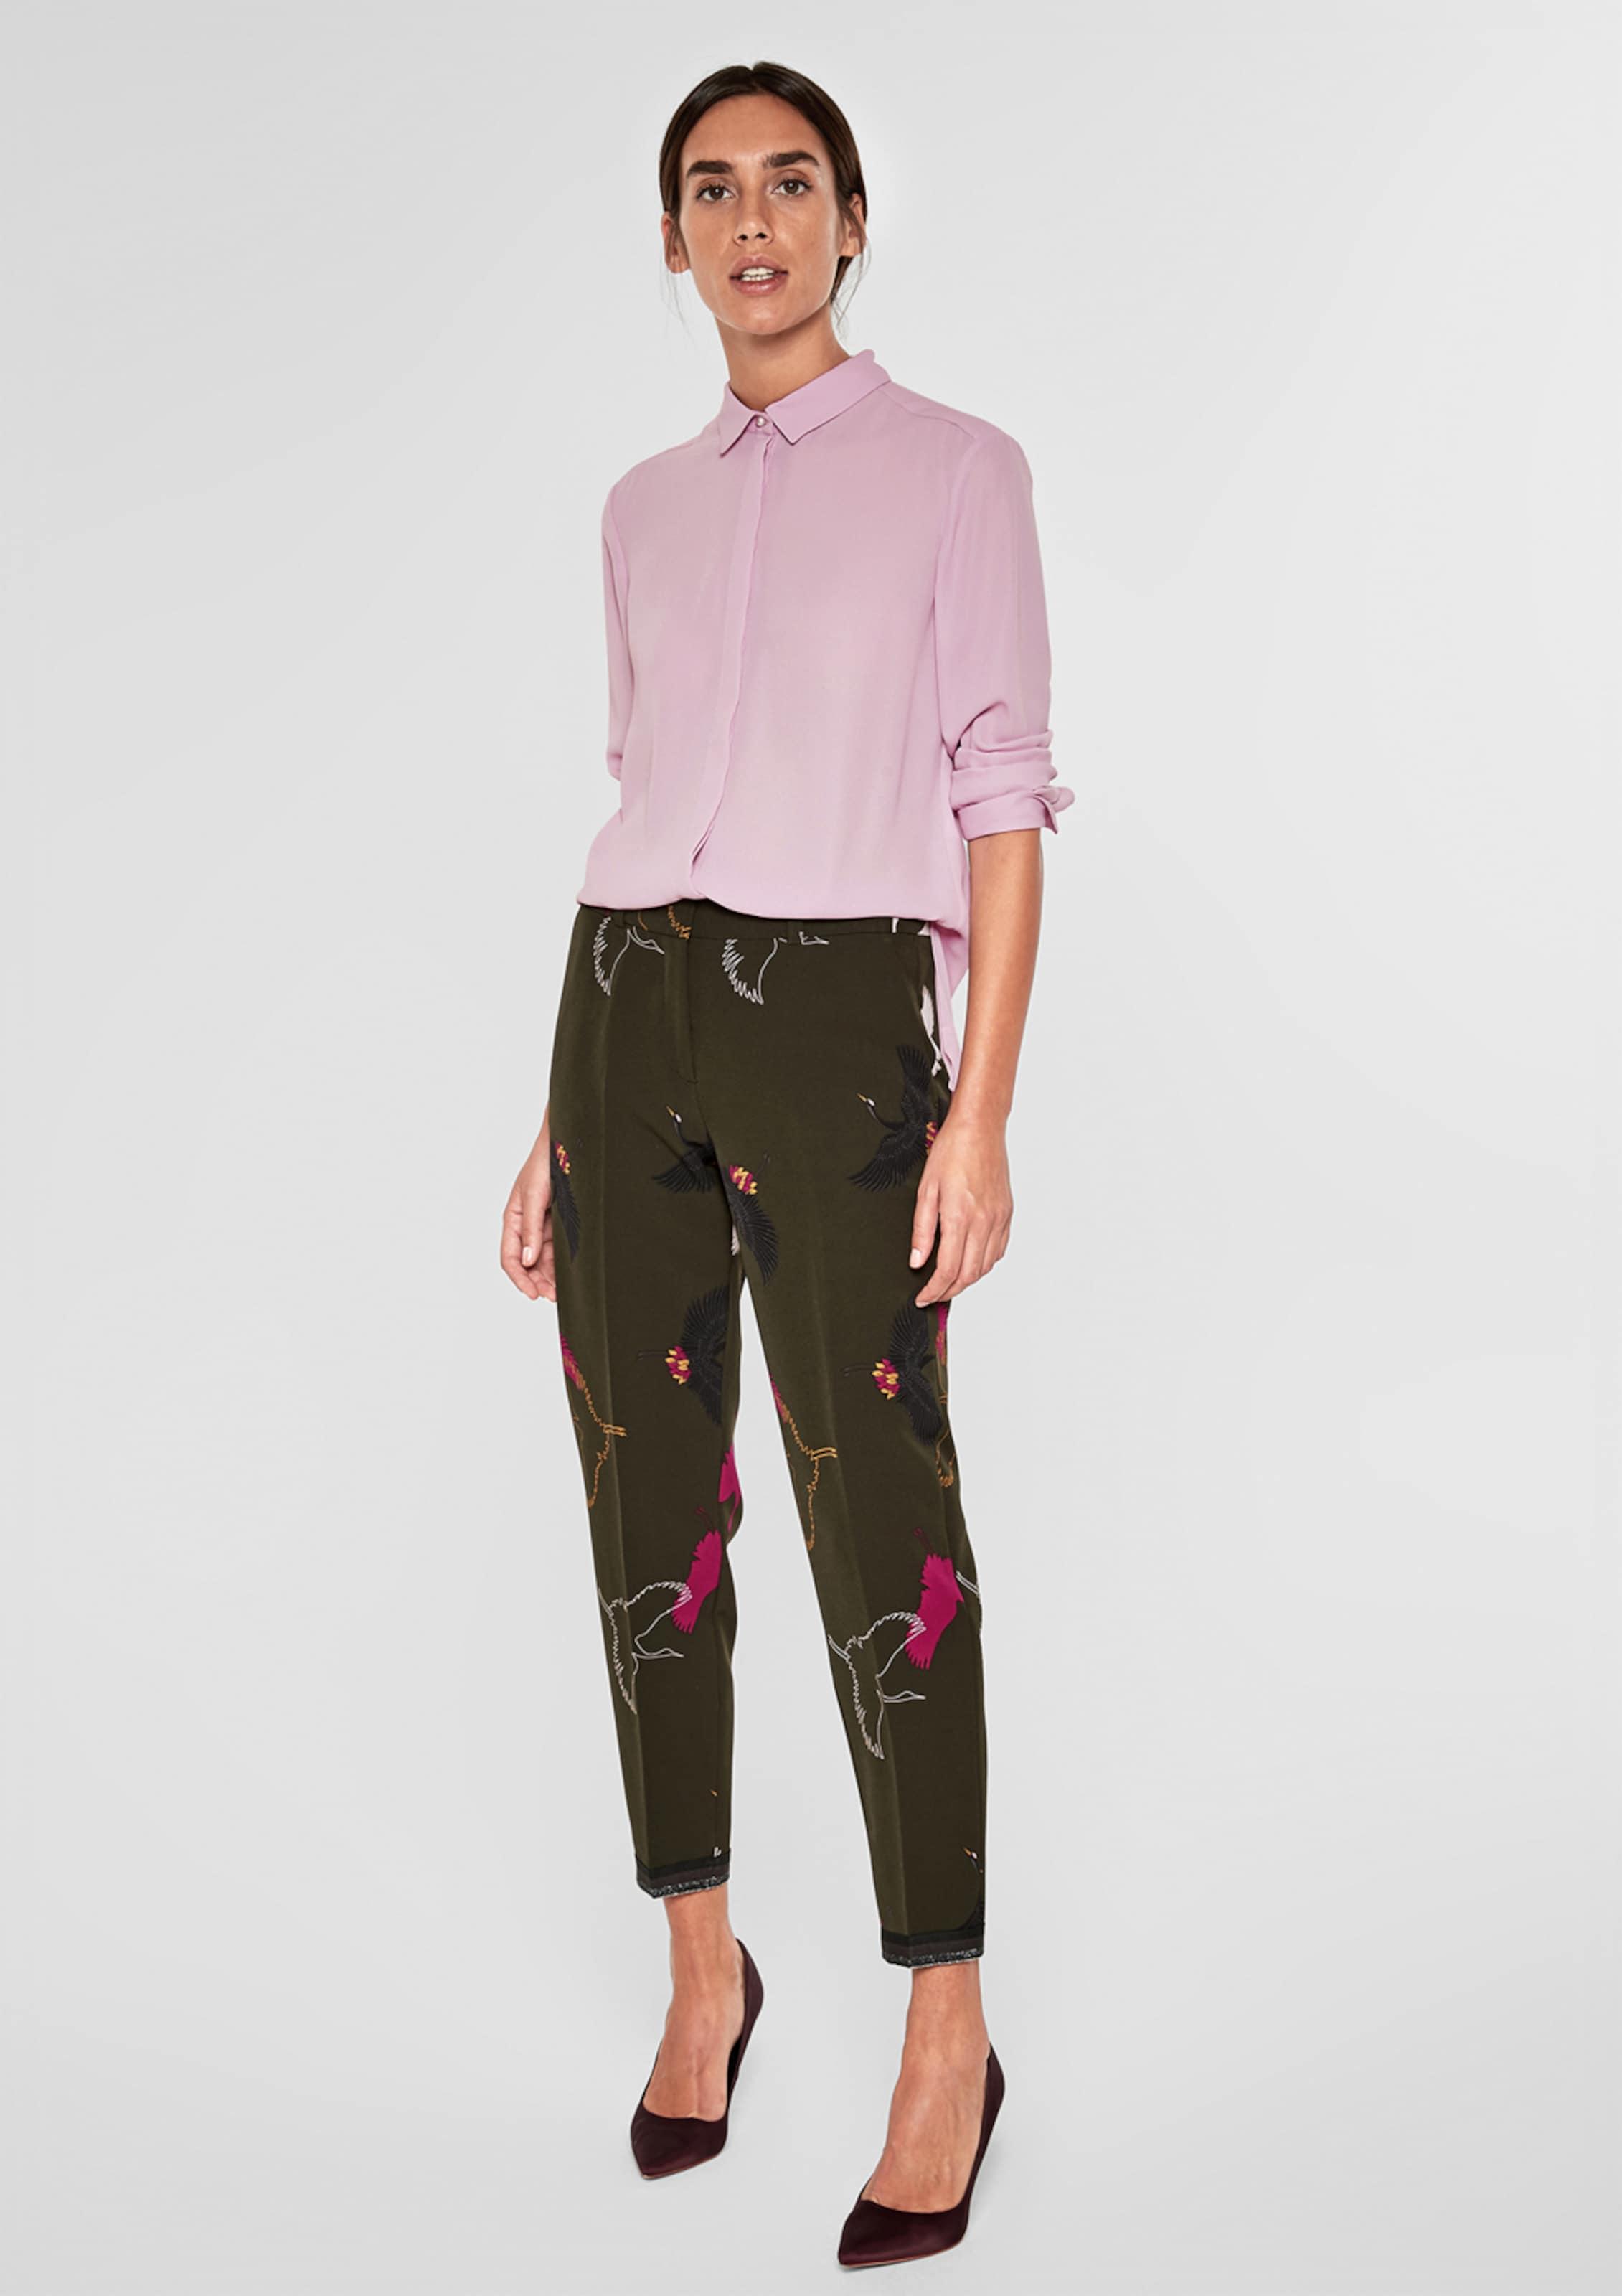 oliver Label Hellpink Bluse S Black In UMSGpqzV